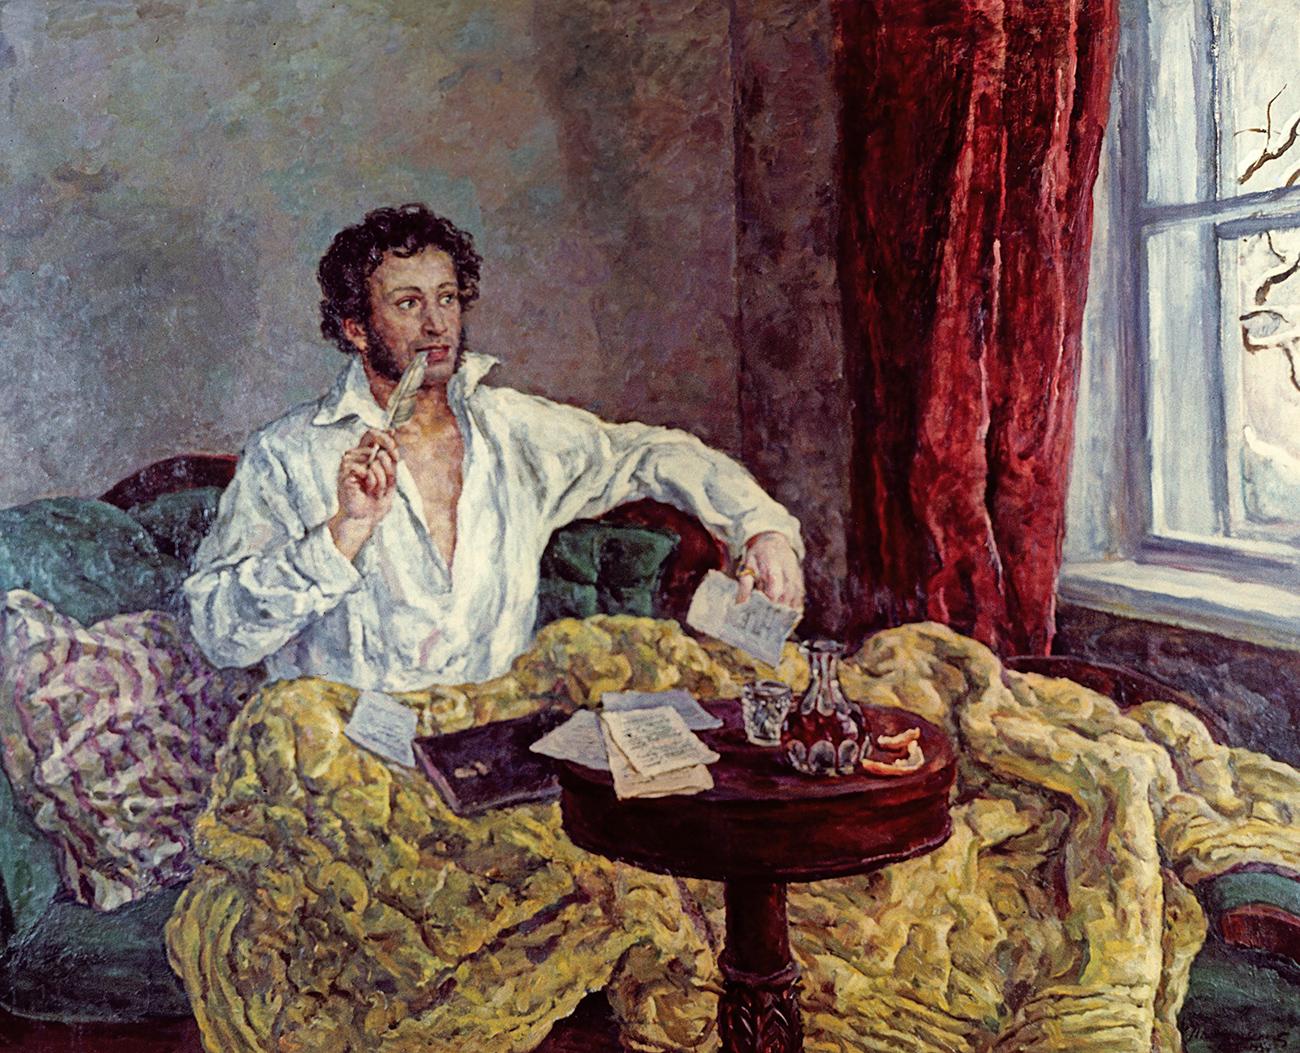 Pushkin ritratto da Petr Konchalovksij (1932).